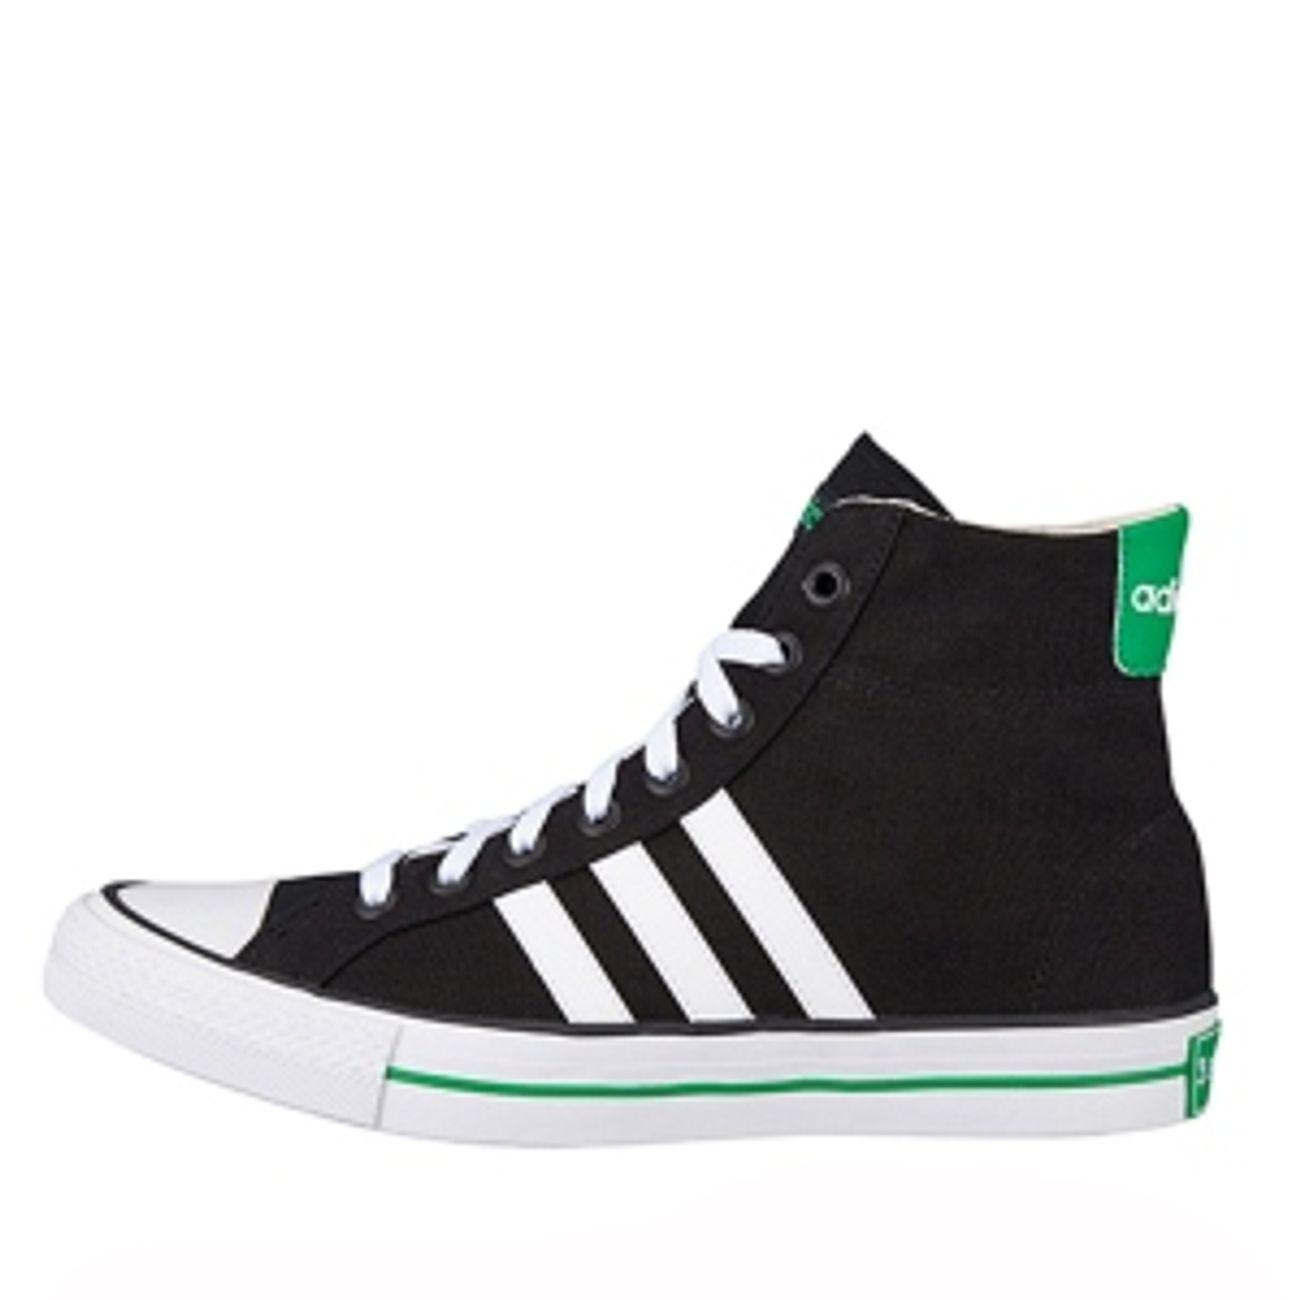 Adidas VLNEO 3 STRIPES MID Neo label Black white green